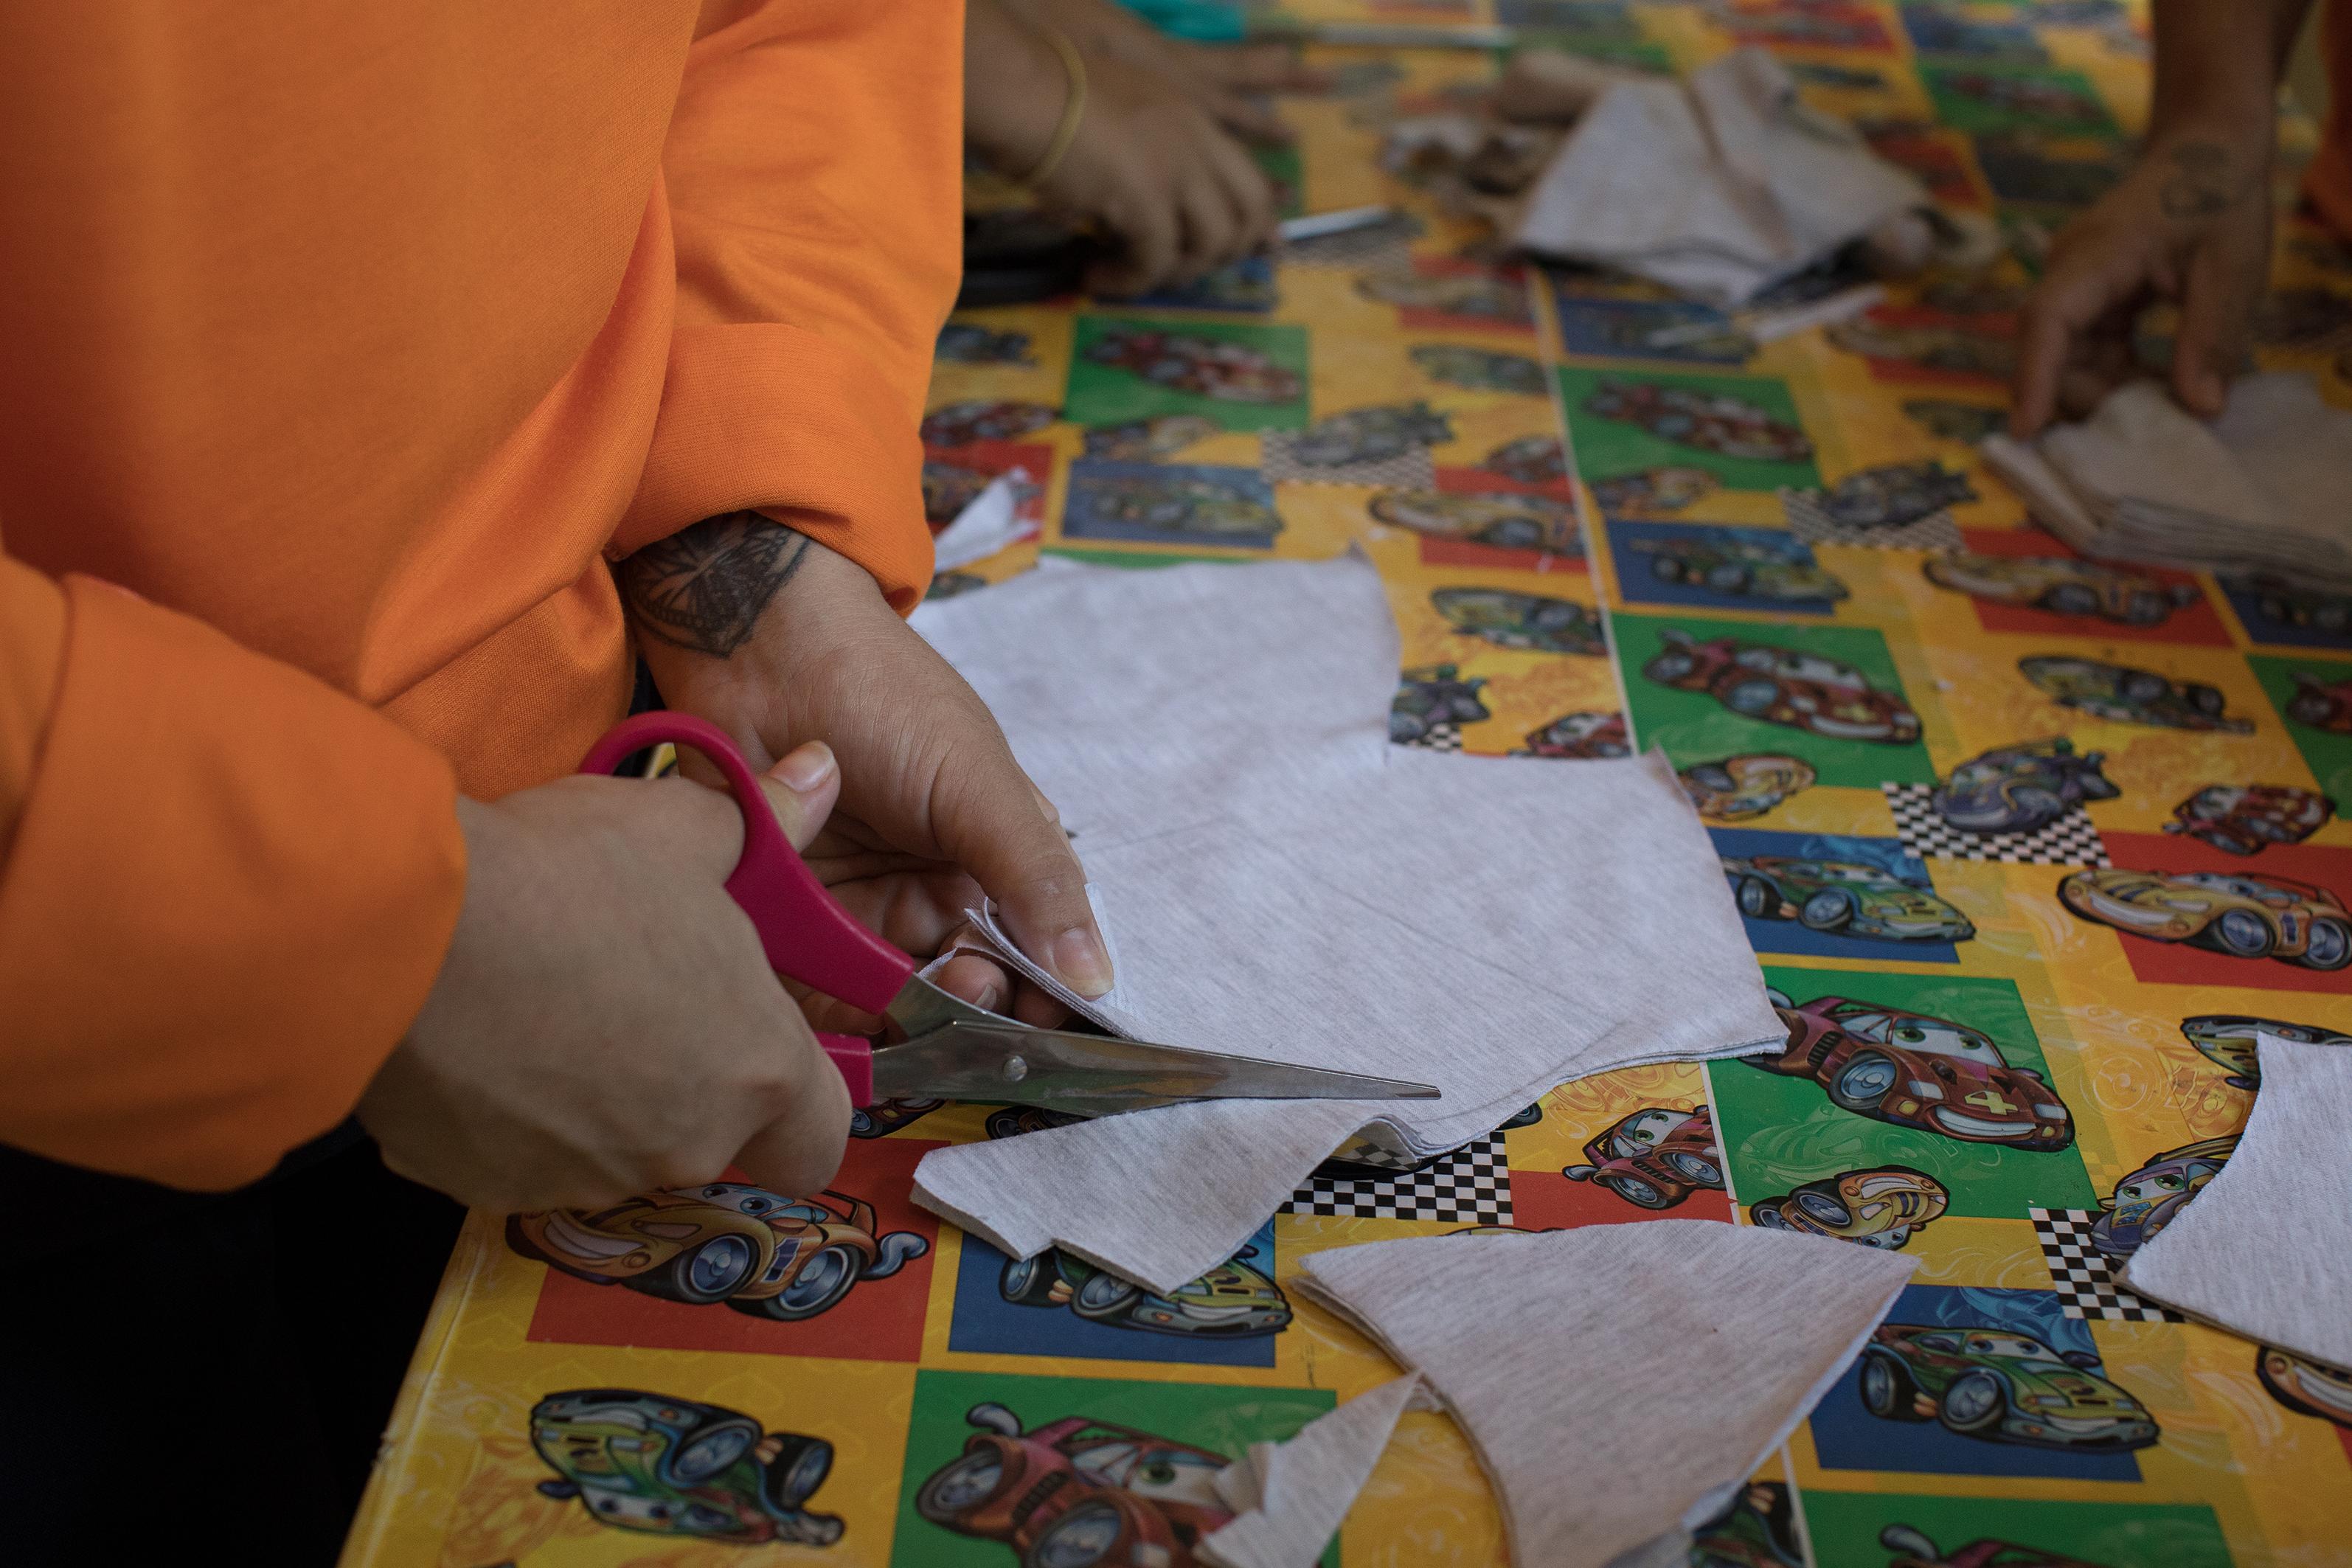 Jovem de 19 anos participa de oficina de costura no Centro de Detenção Provisória de Manaus.